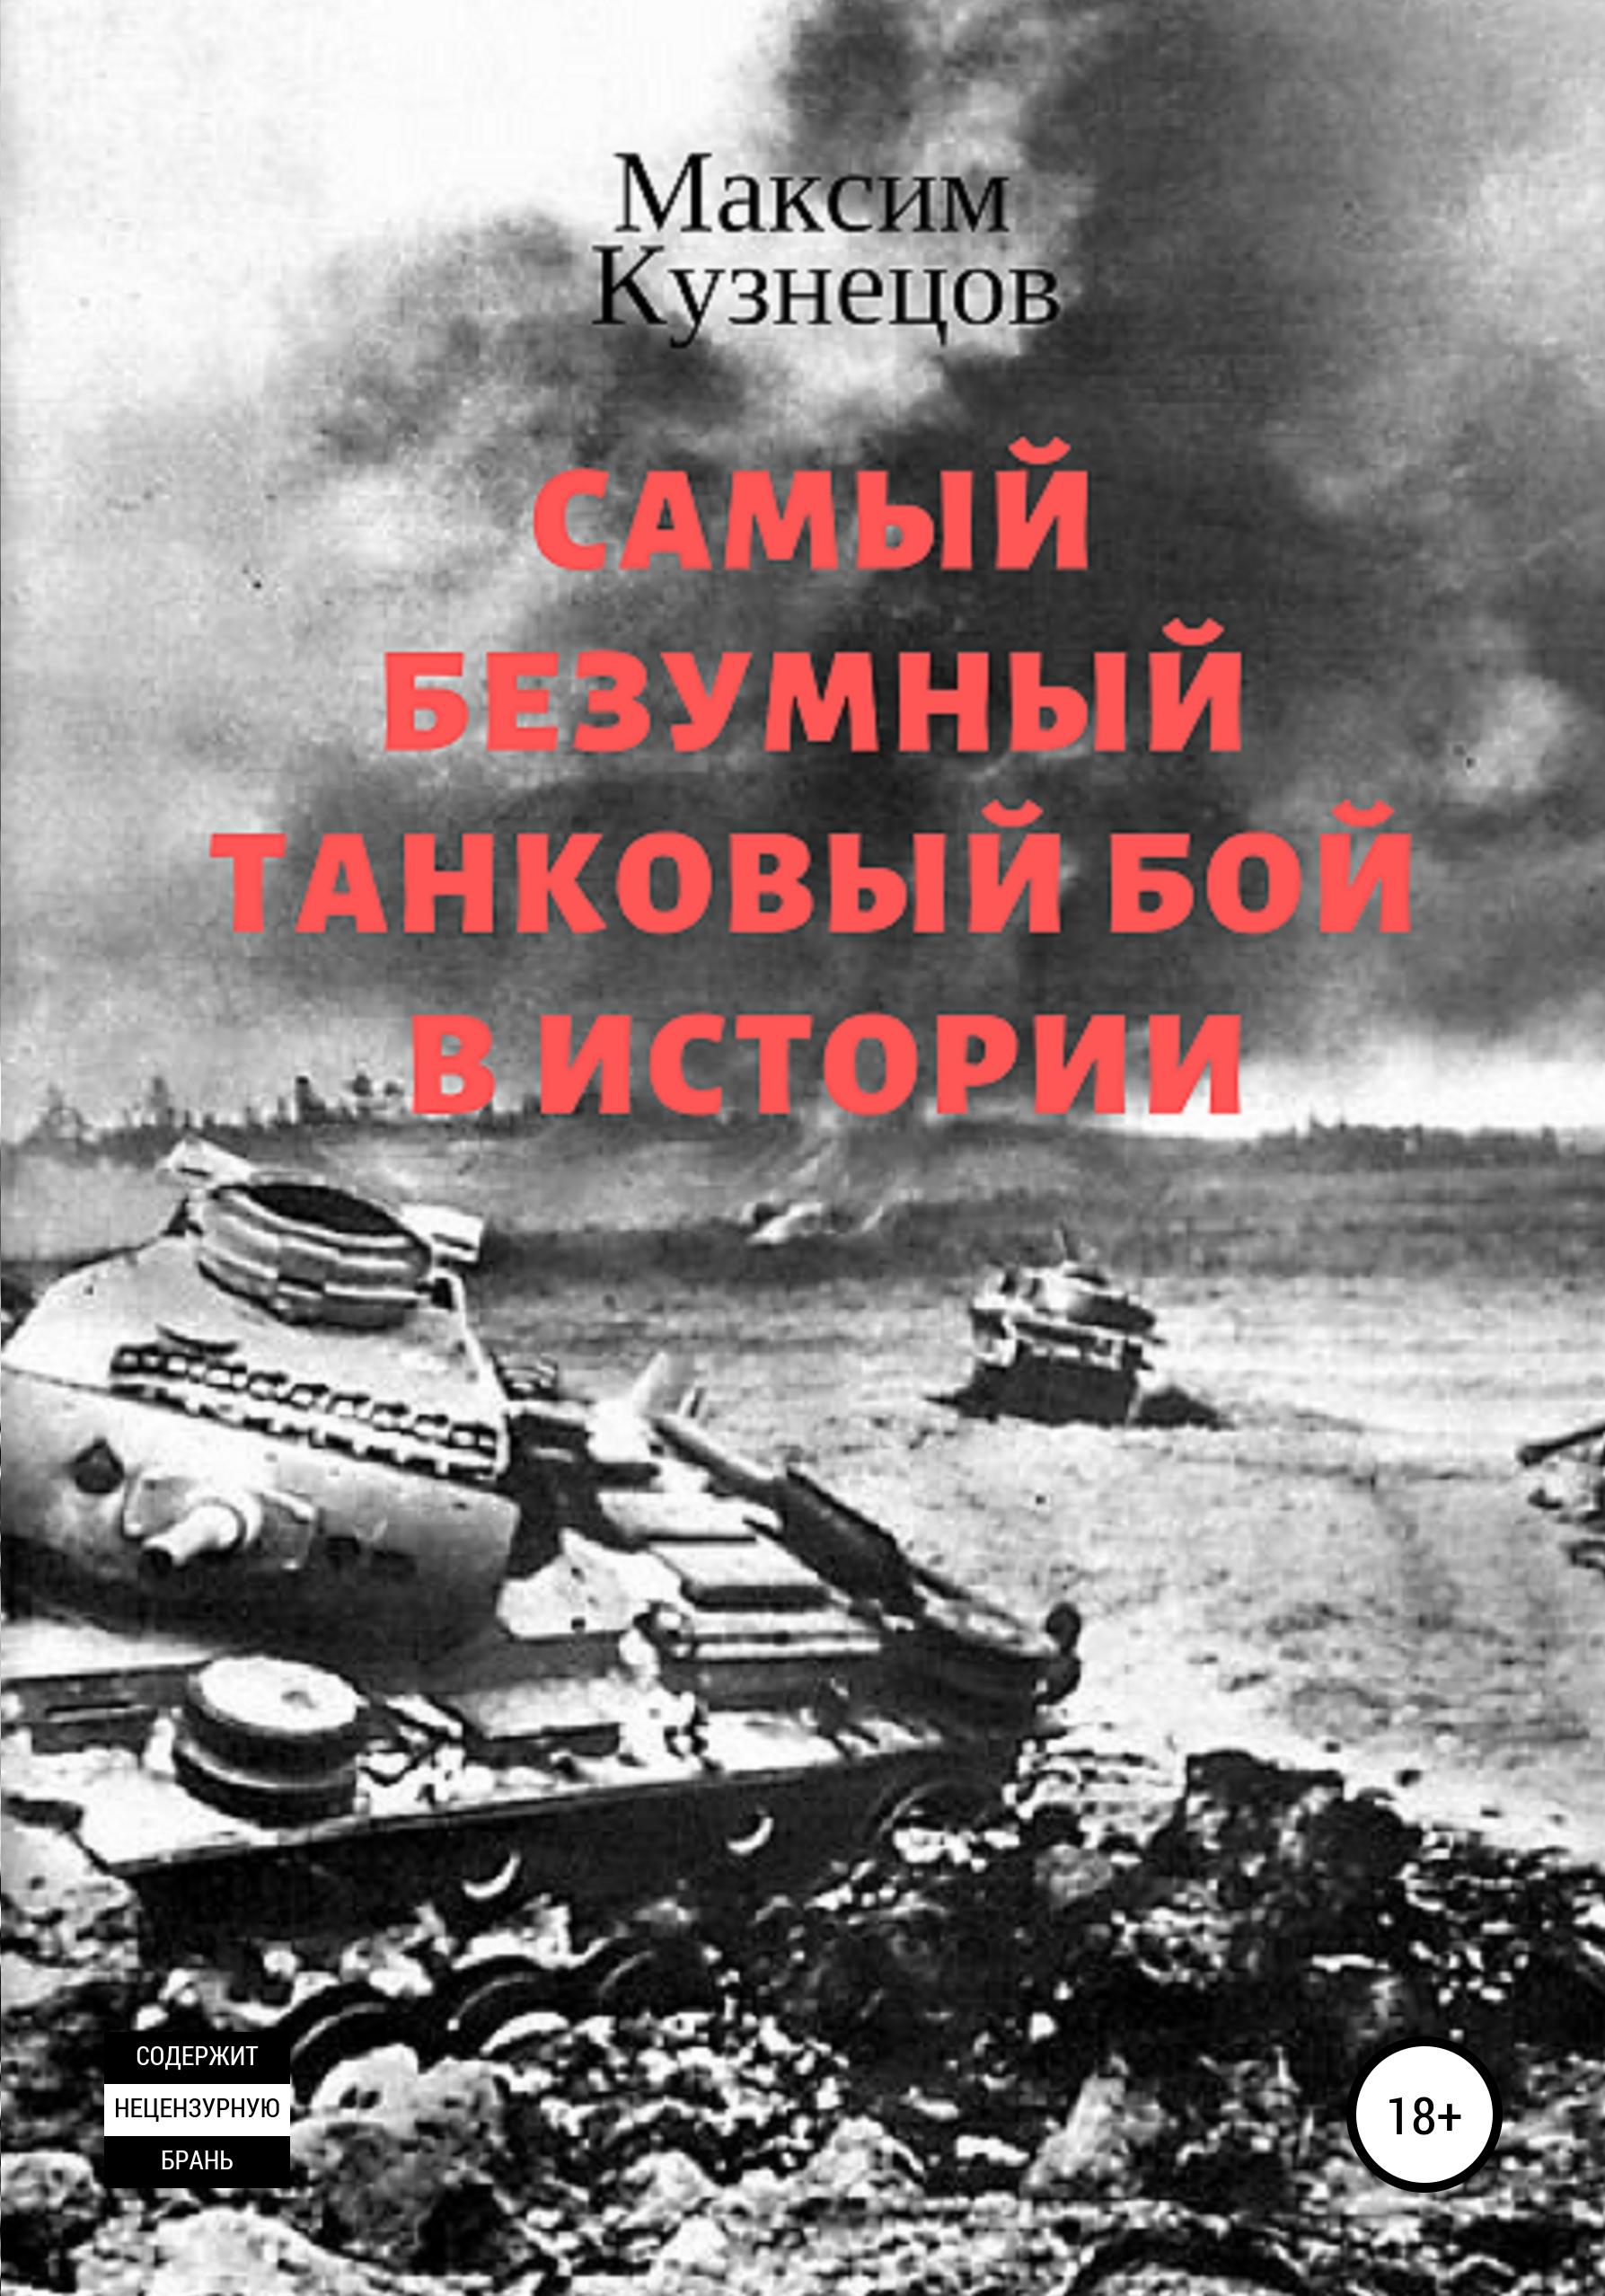 Максим Кузнецов Самый безумный танковый бой в истории сталинград я снайпер